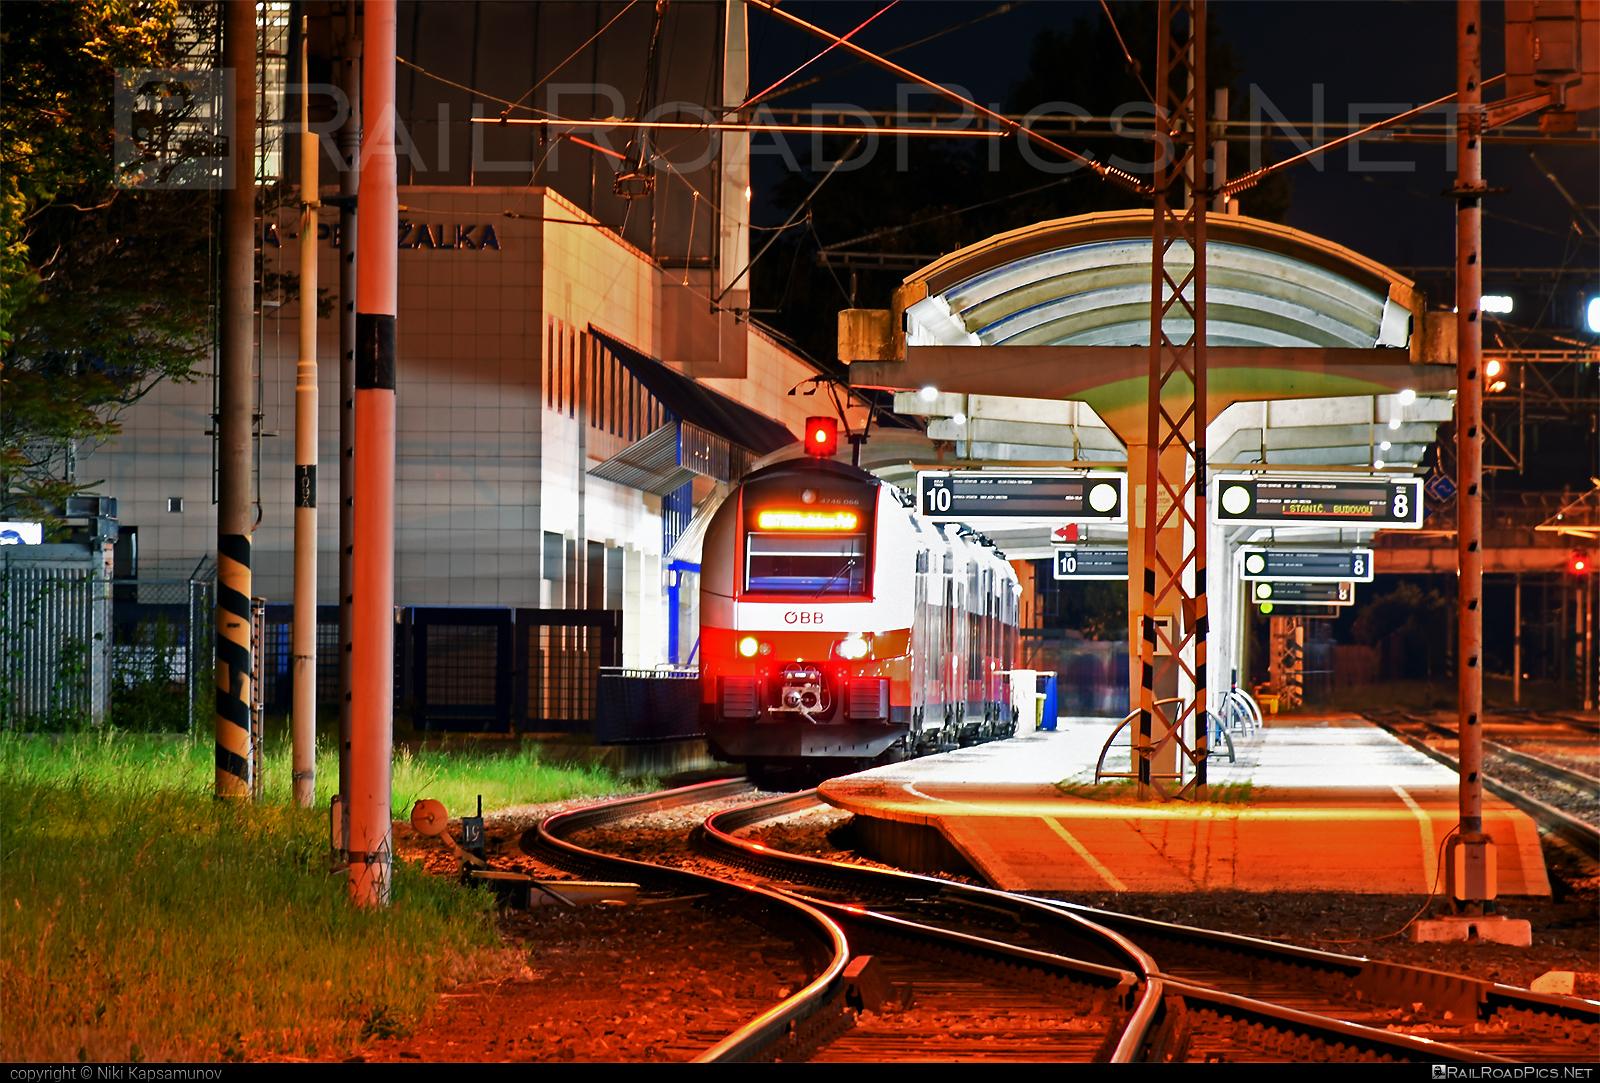 Siemens Desiro ML - 4746 066 operated by Österreichische Bundesbahnen #cityjet #desiro #desiroml #obb #obbcityjet #osterreichischebundesbahnen #siemens #siemensdesiro #siemensdesiroml